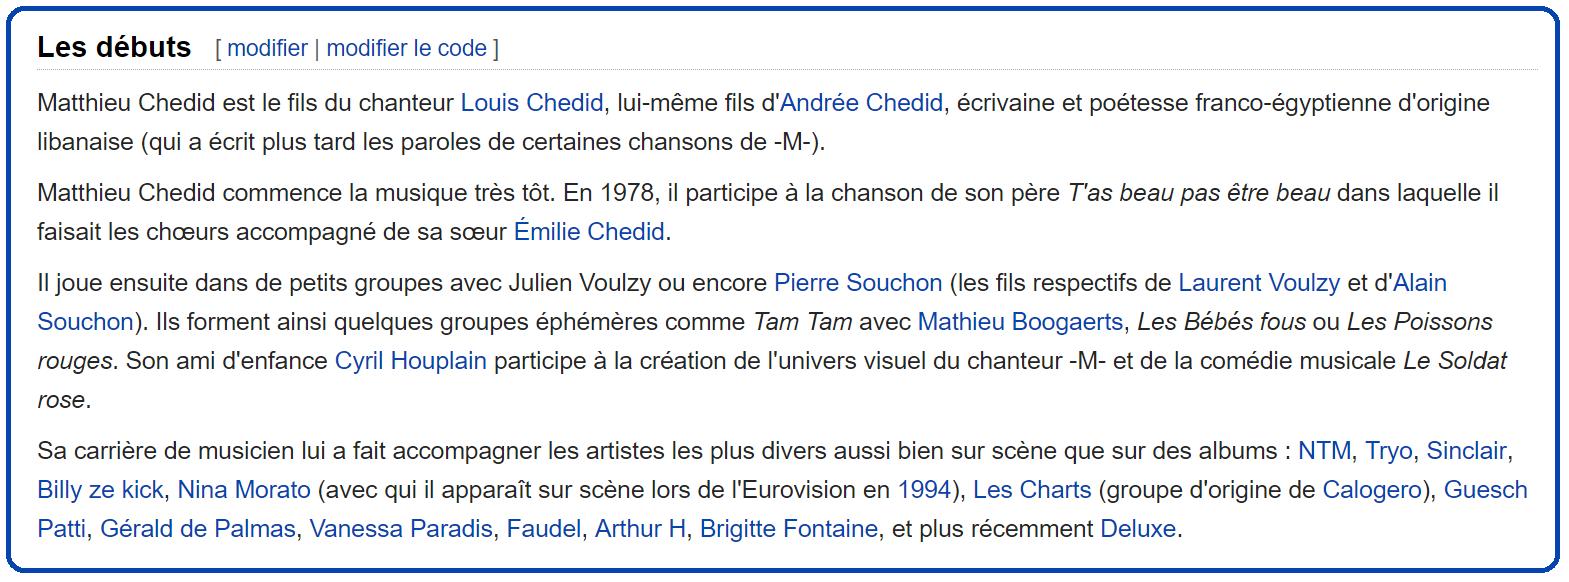 Extrait de la fiche Wikipédia de Matthieu Chedid ... qui mériterait une mise à jour.